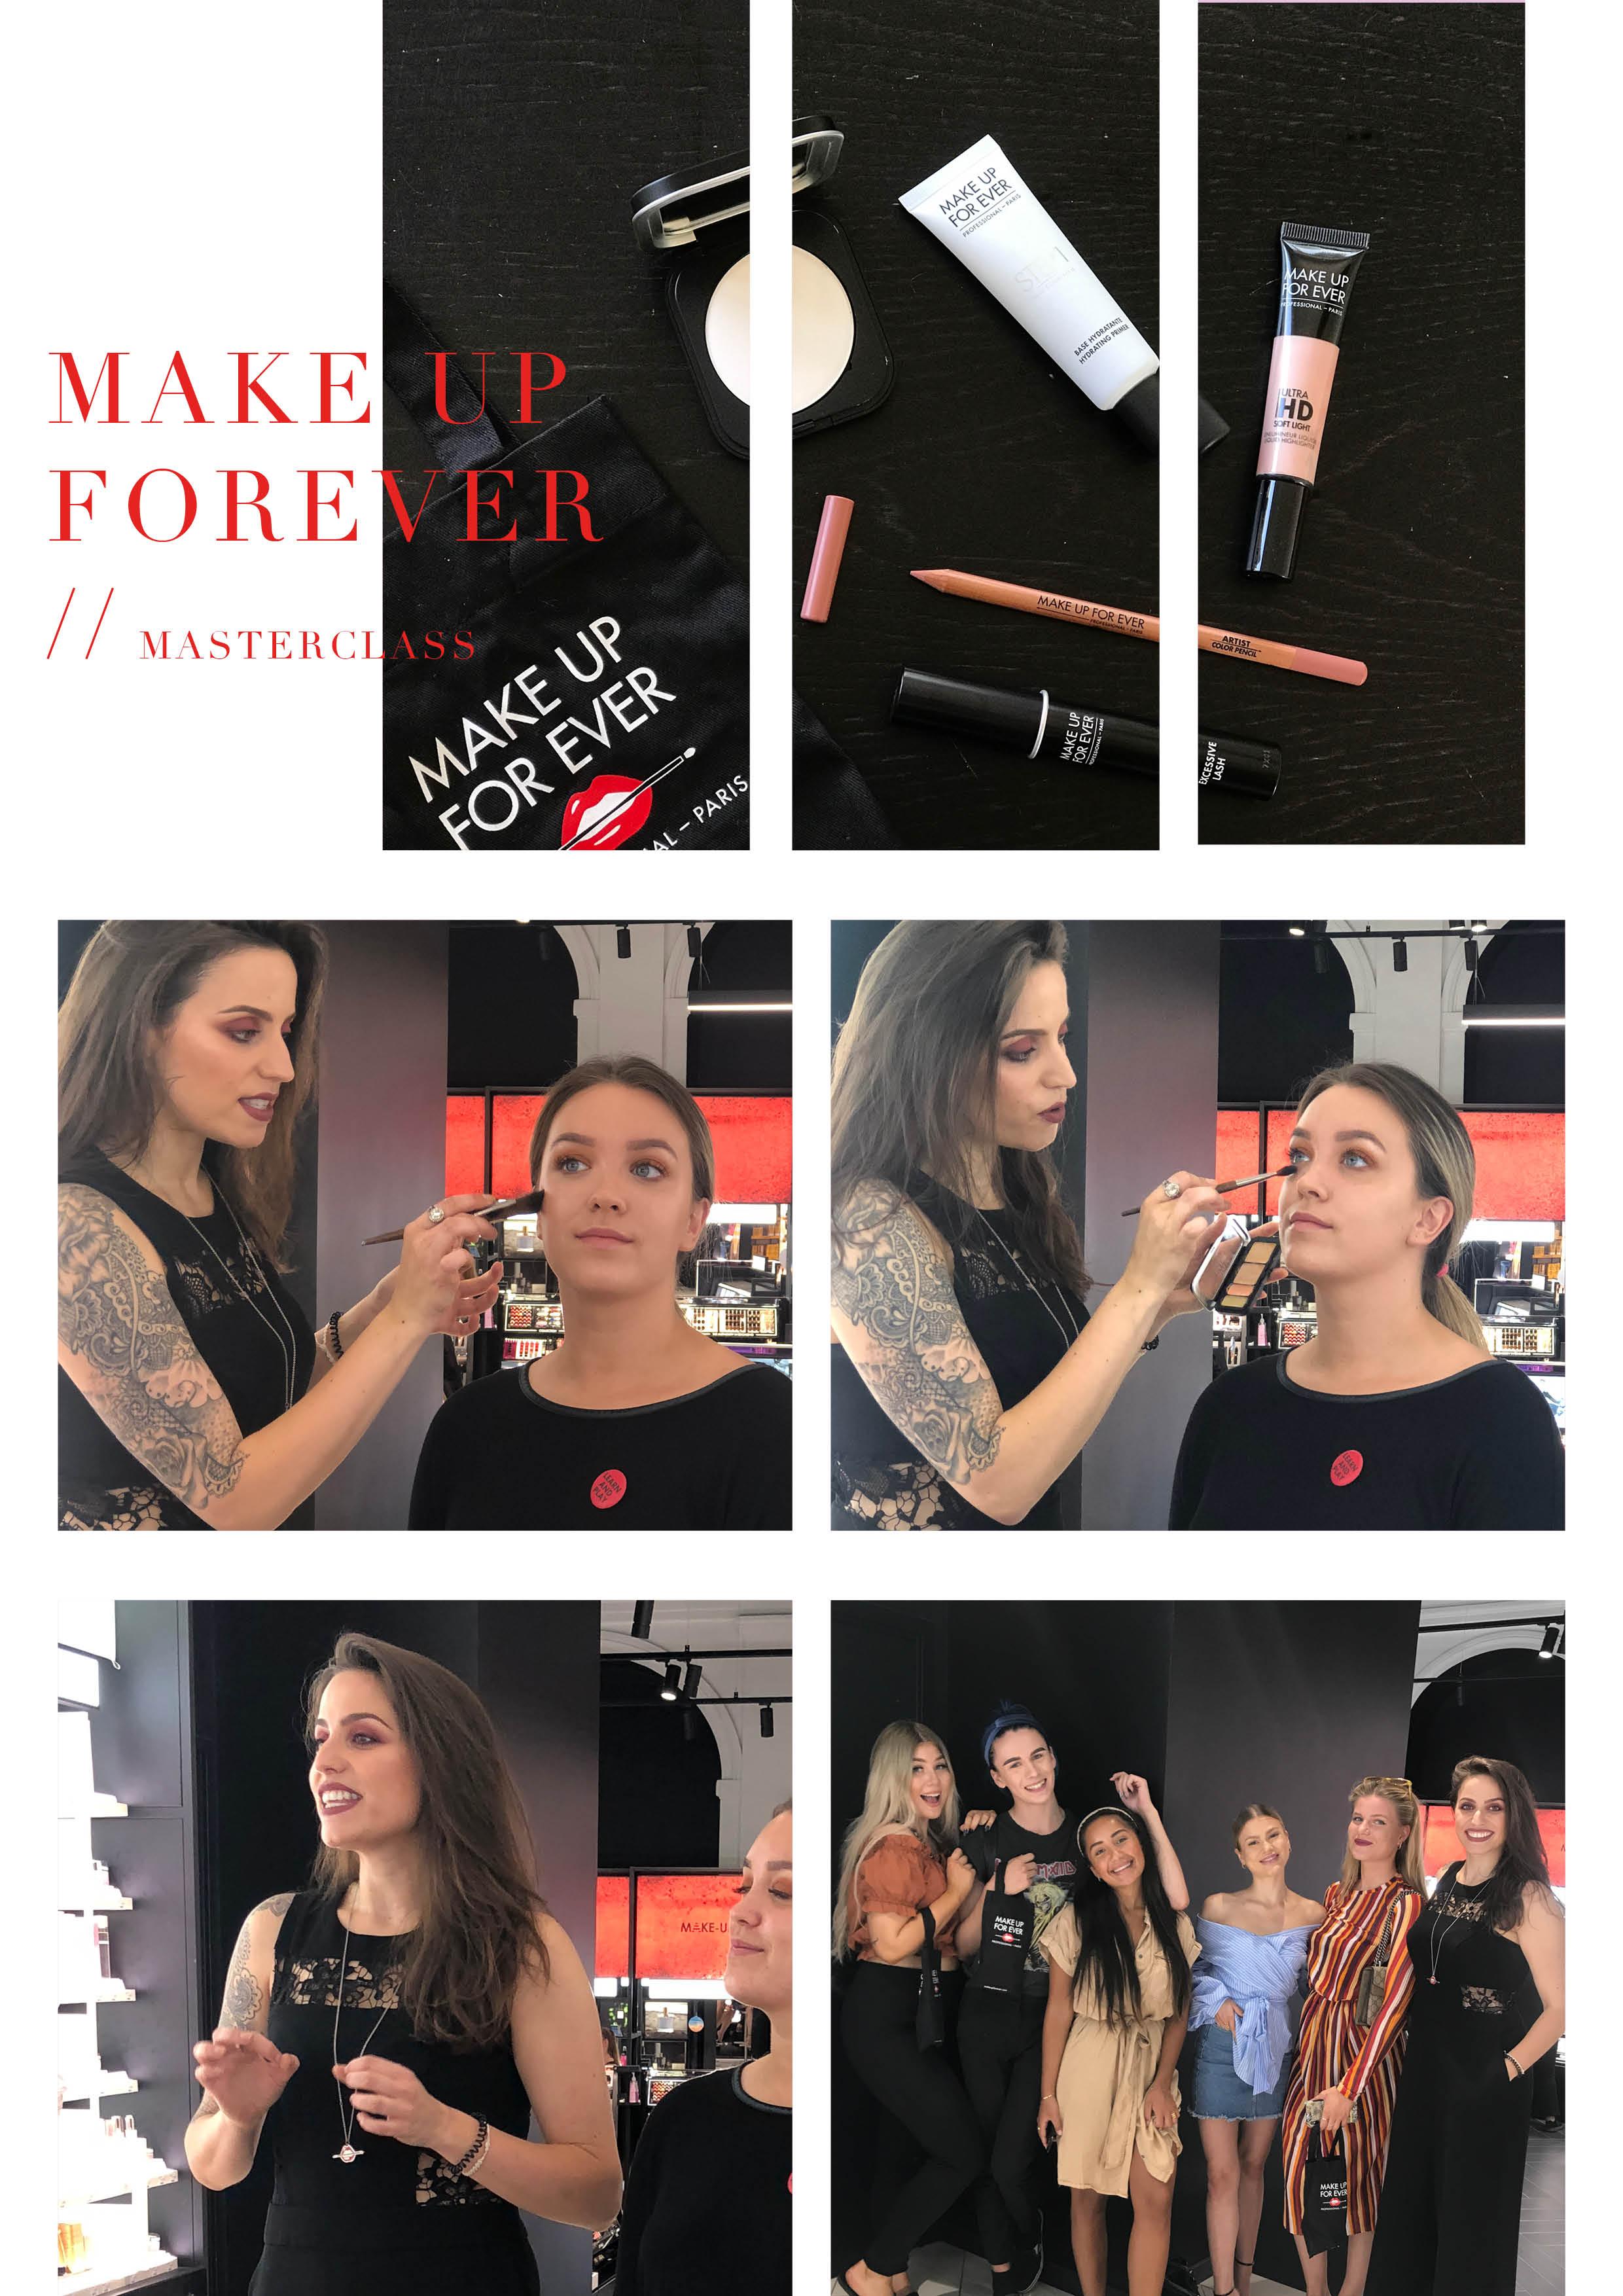 makeupforever-masterclass